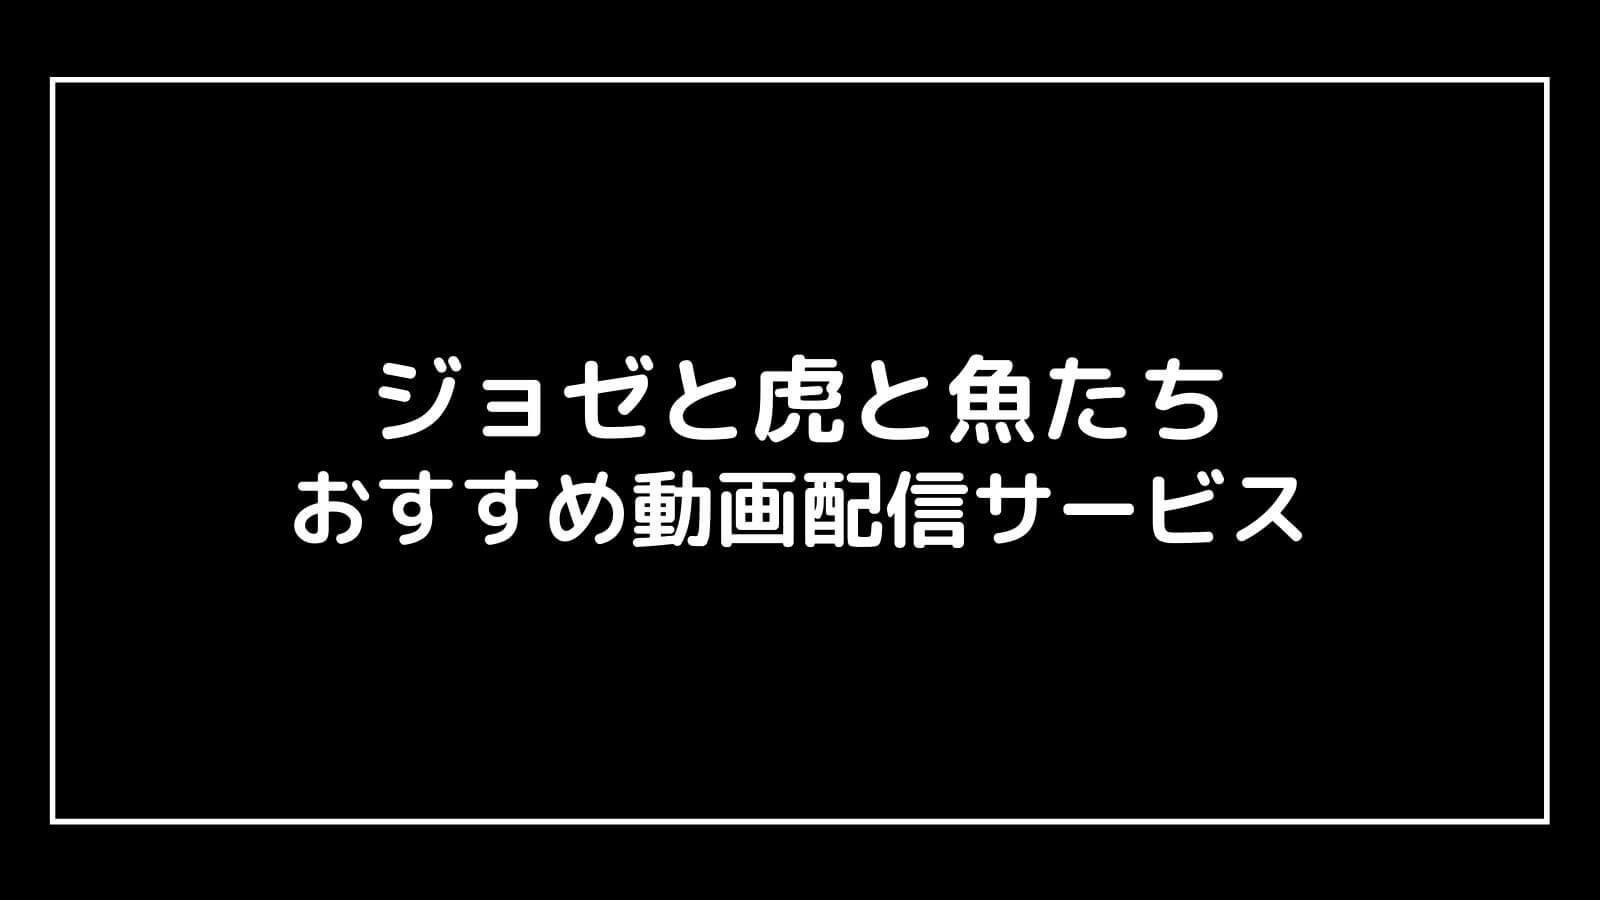 アニメ映画『ジョゼと虎と魚たち』の無料動画配信をフル視聴する方法